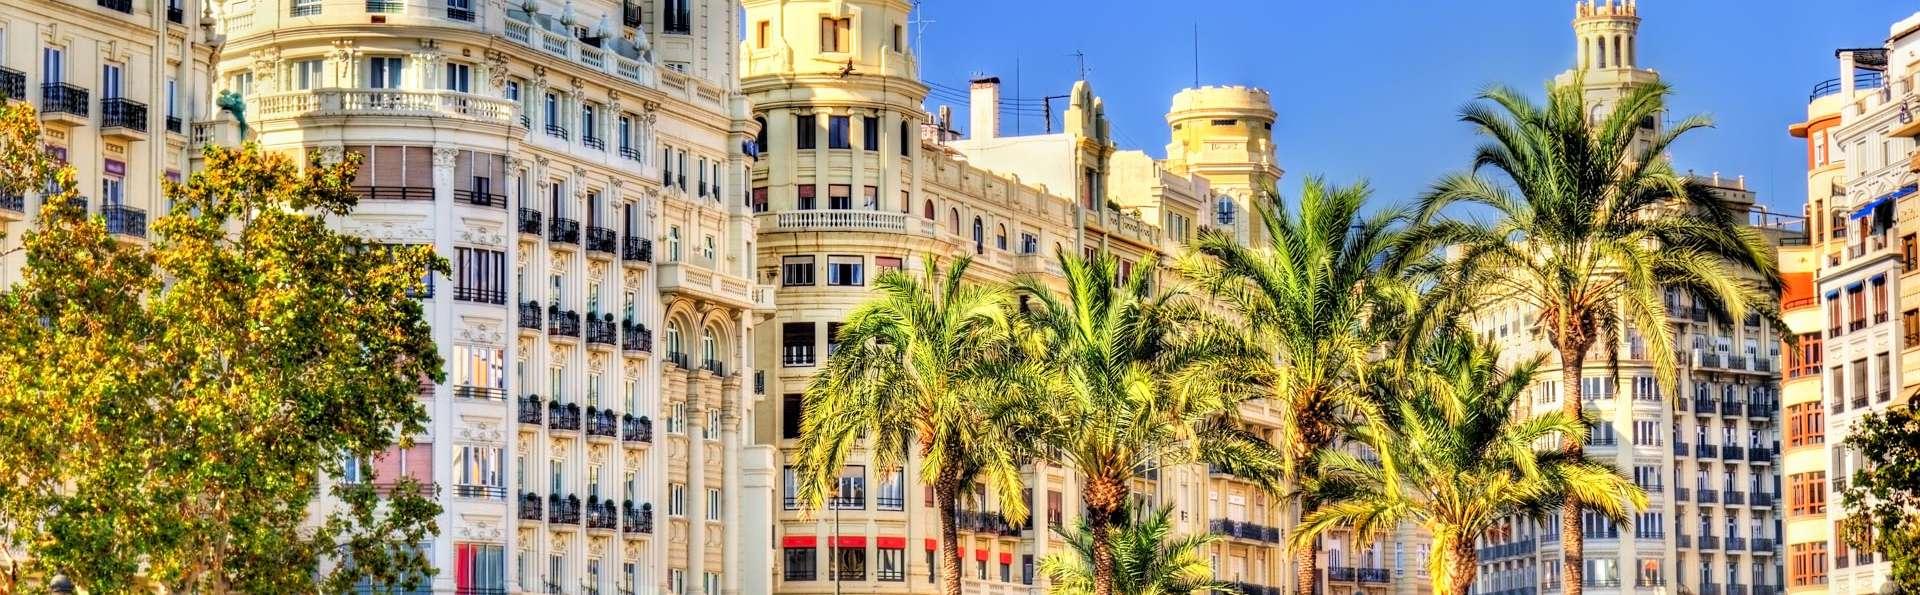 Modernité dans la vieille ville de Valence